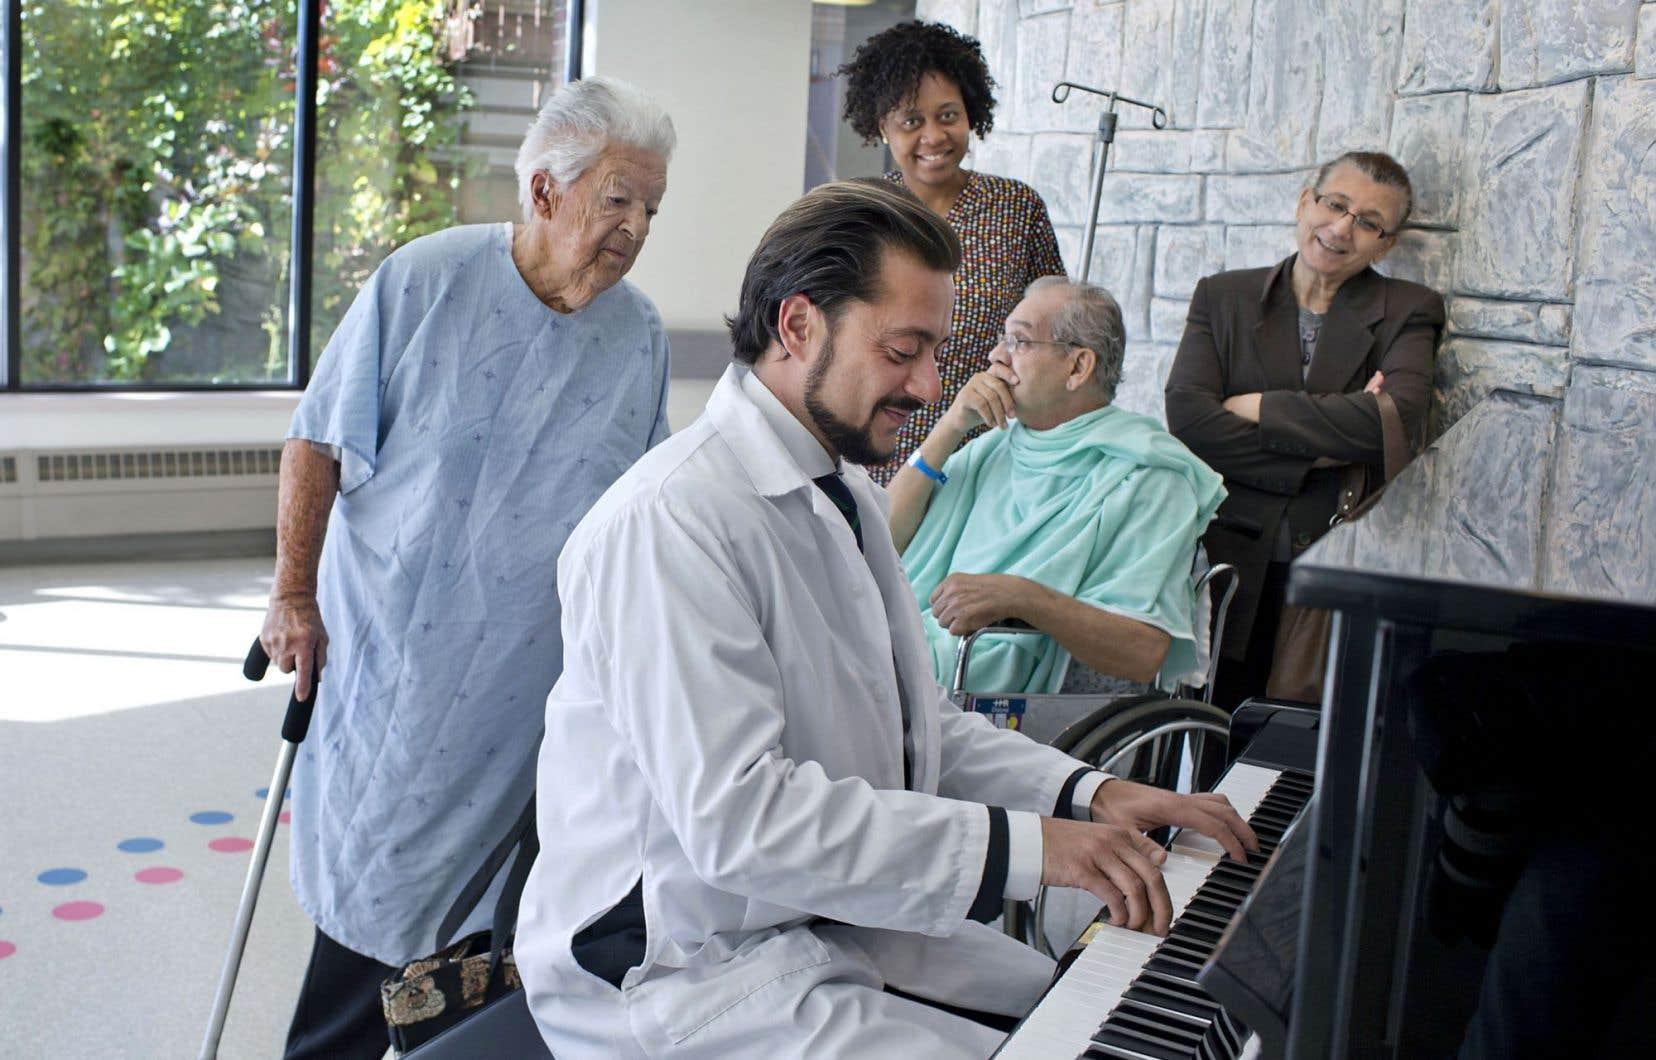 Pianiste à ses heures, le Dr Christian Boukaram croit que la musique a sa place au Département de radio-oncologie, tant pour alléger l'atmosphère que pour rassembler patients et aidants sur une note positive.